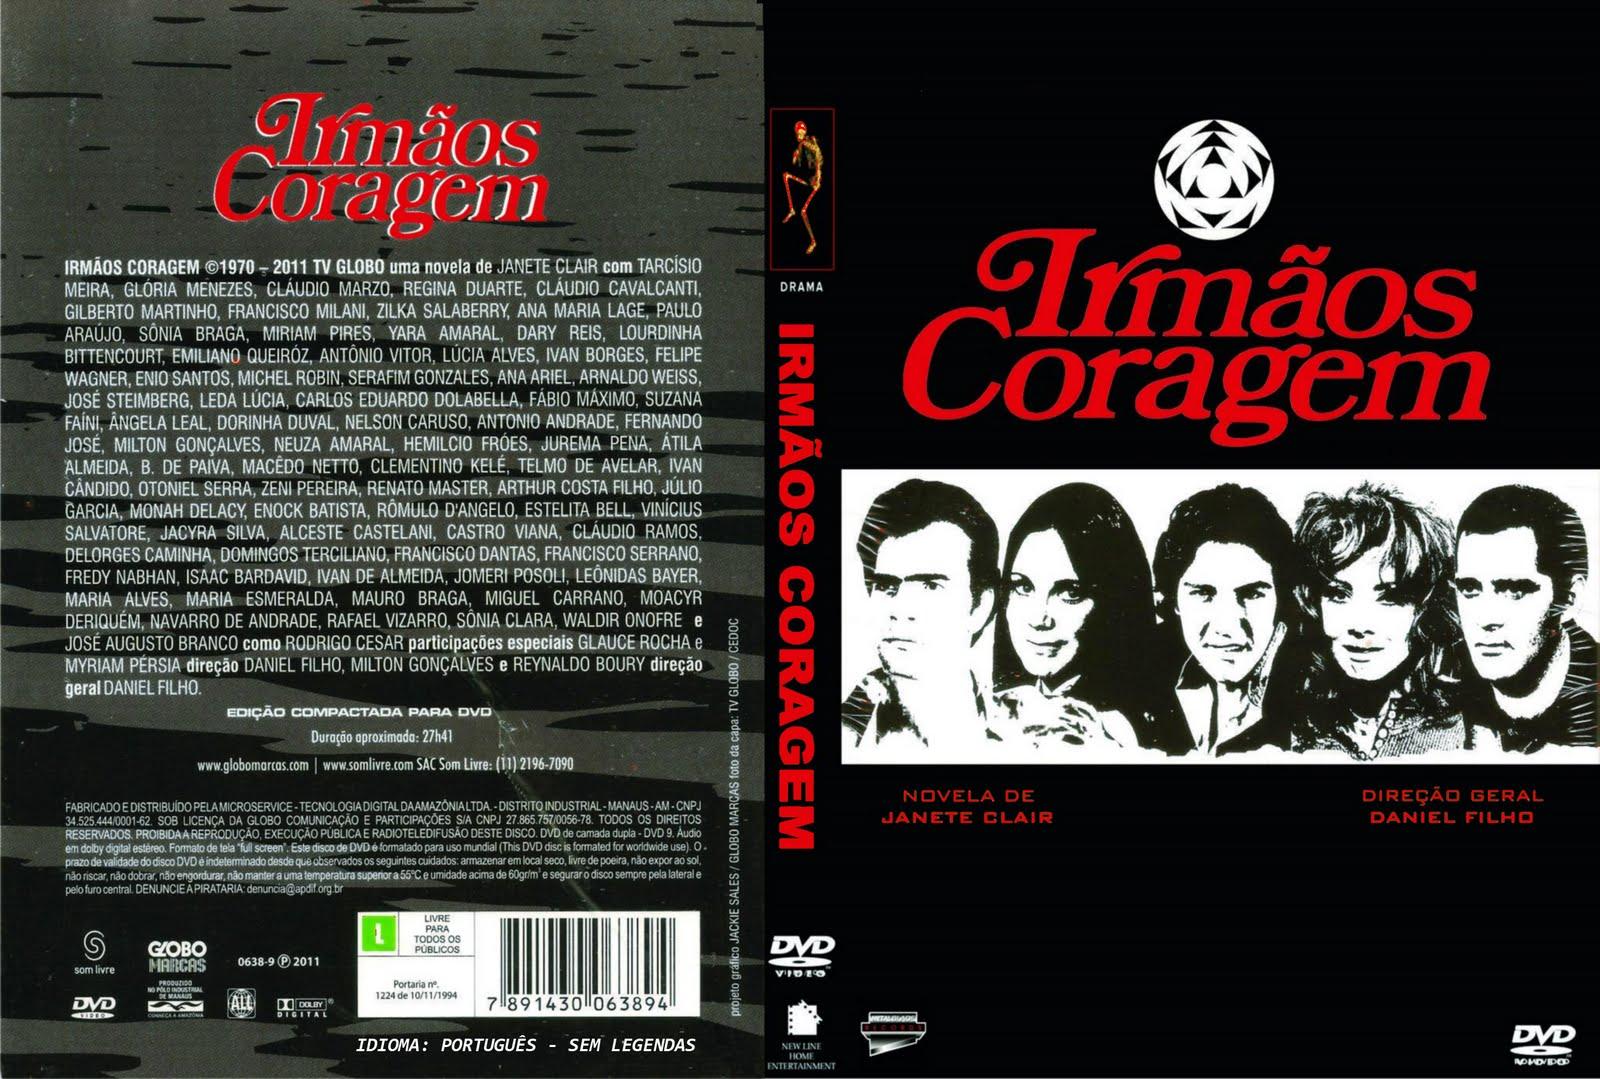 http://www.globomarcas.com.br/novelas/novelas-em-dvd/dvd-irmaos-coragem-8-discos.html